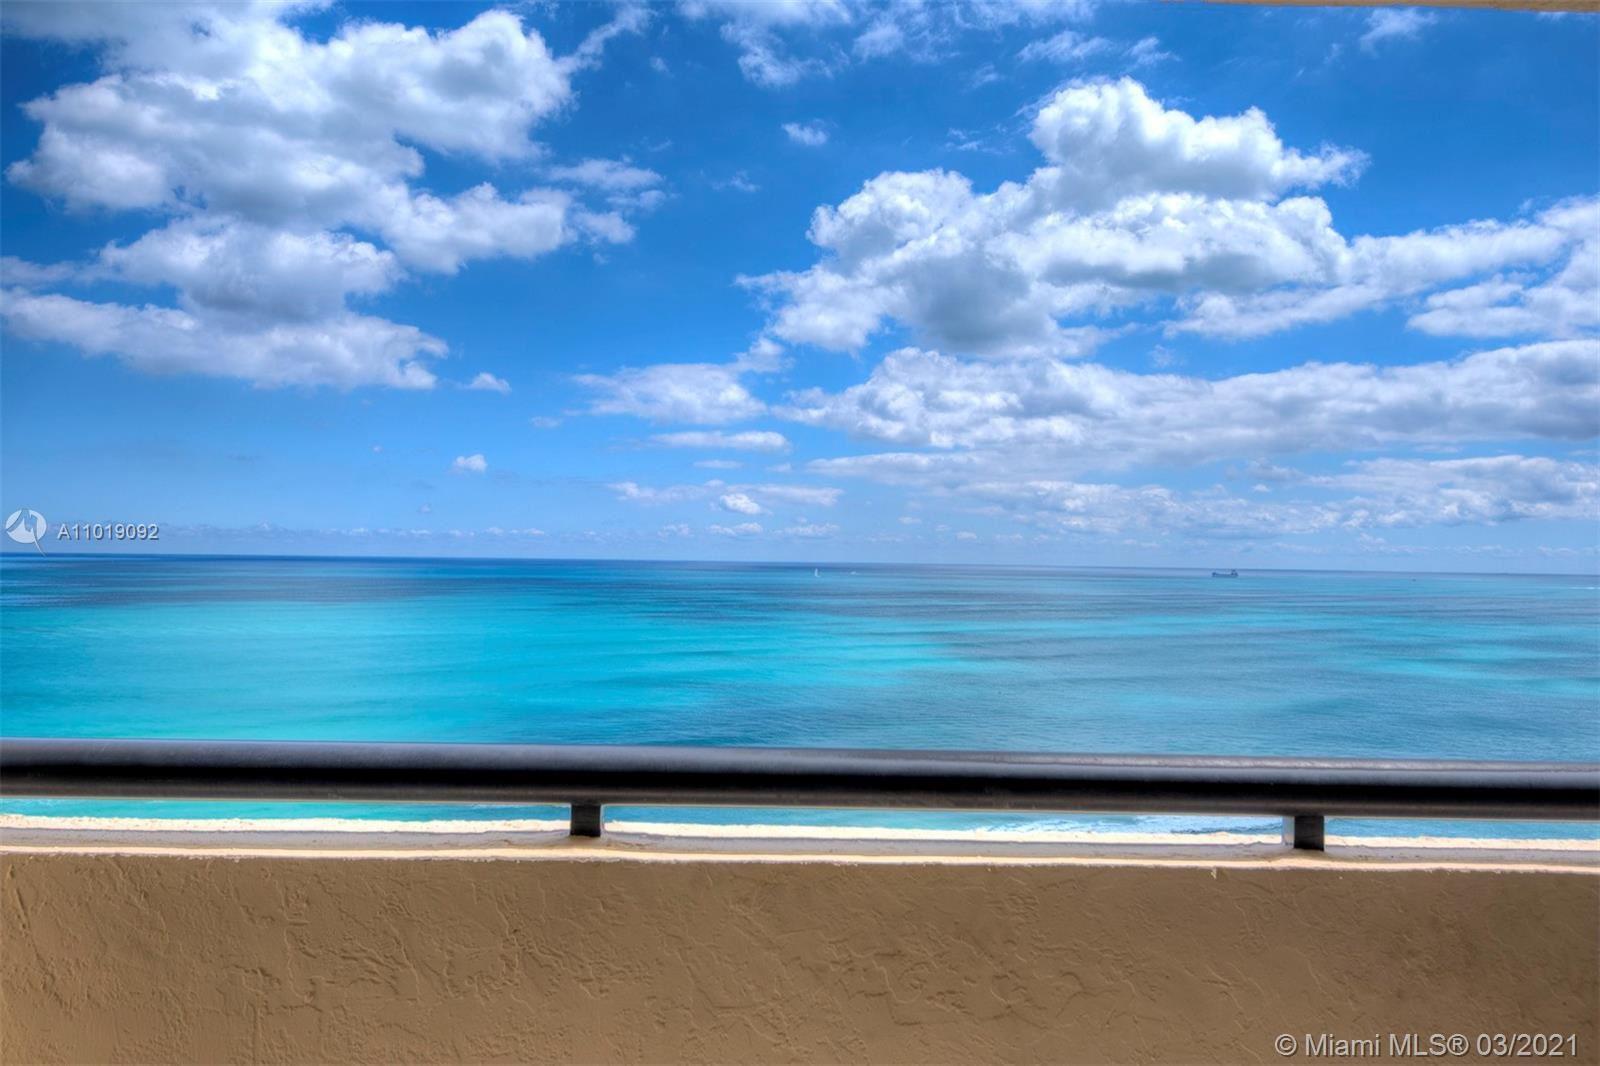 2555 Collins Ave #1905, Miami Beach, FL 33140 - #: A11019092